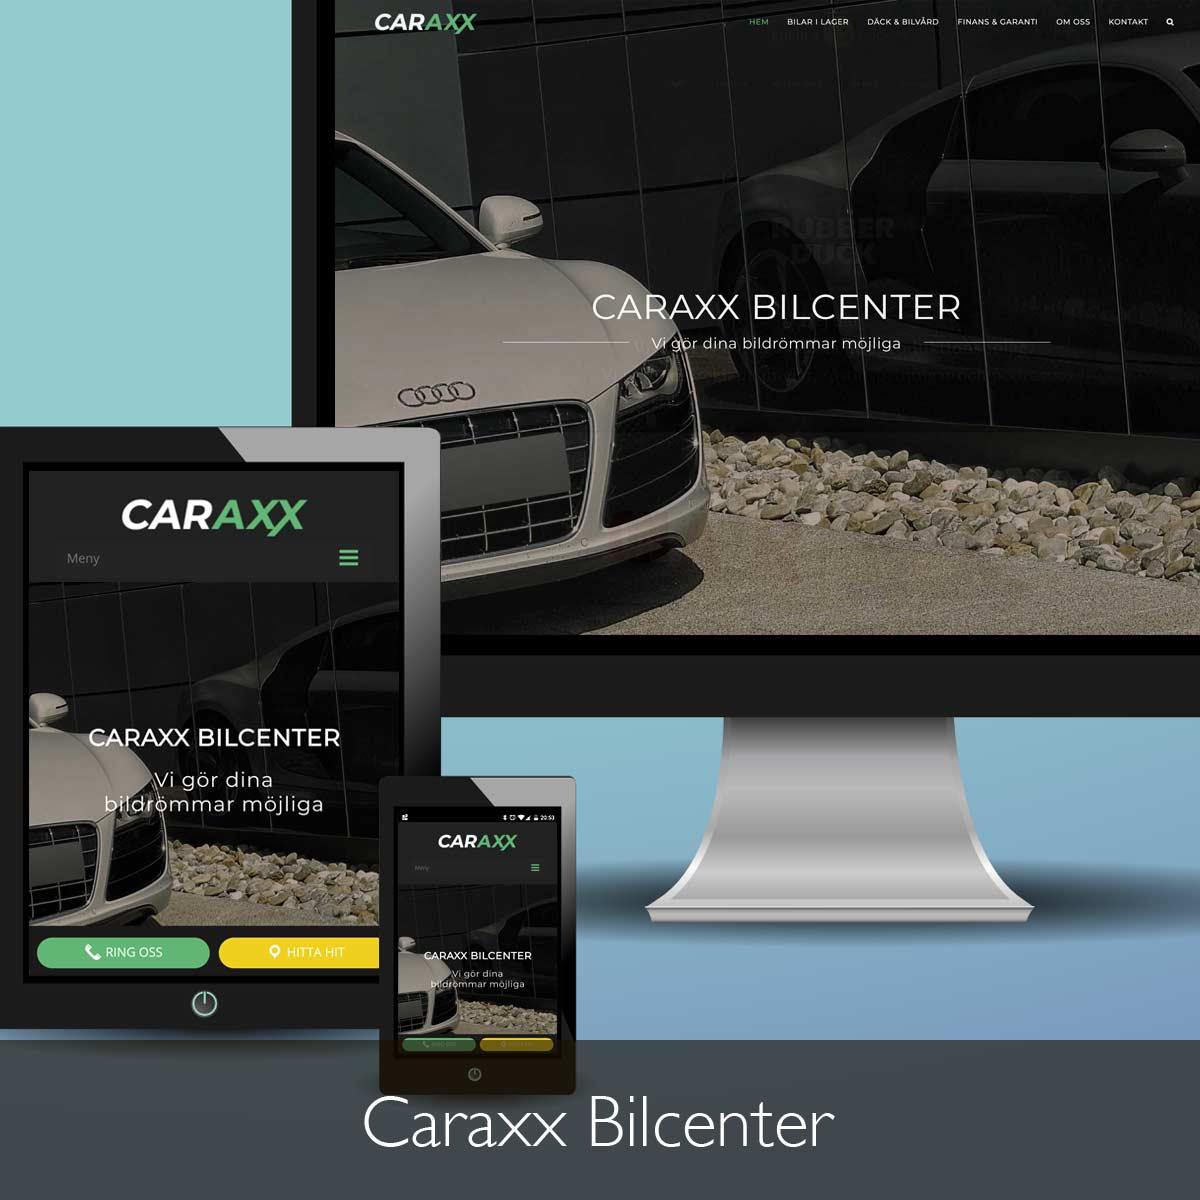 caraxx-bilcenter